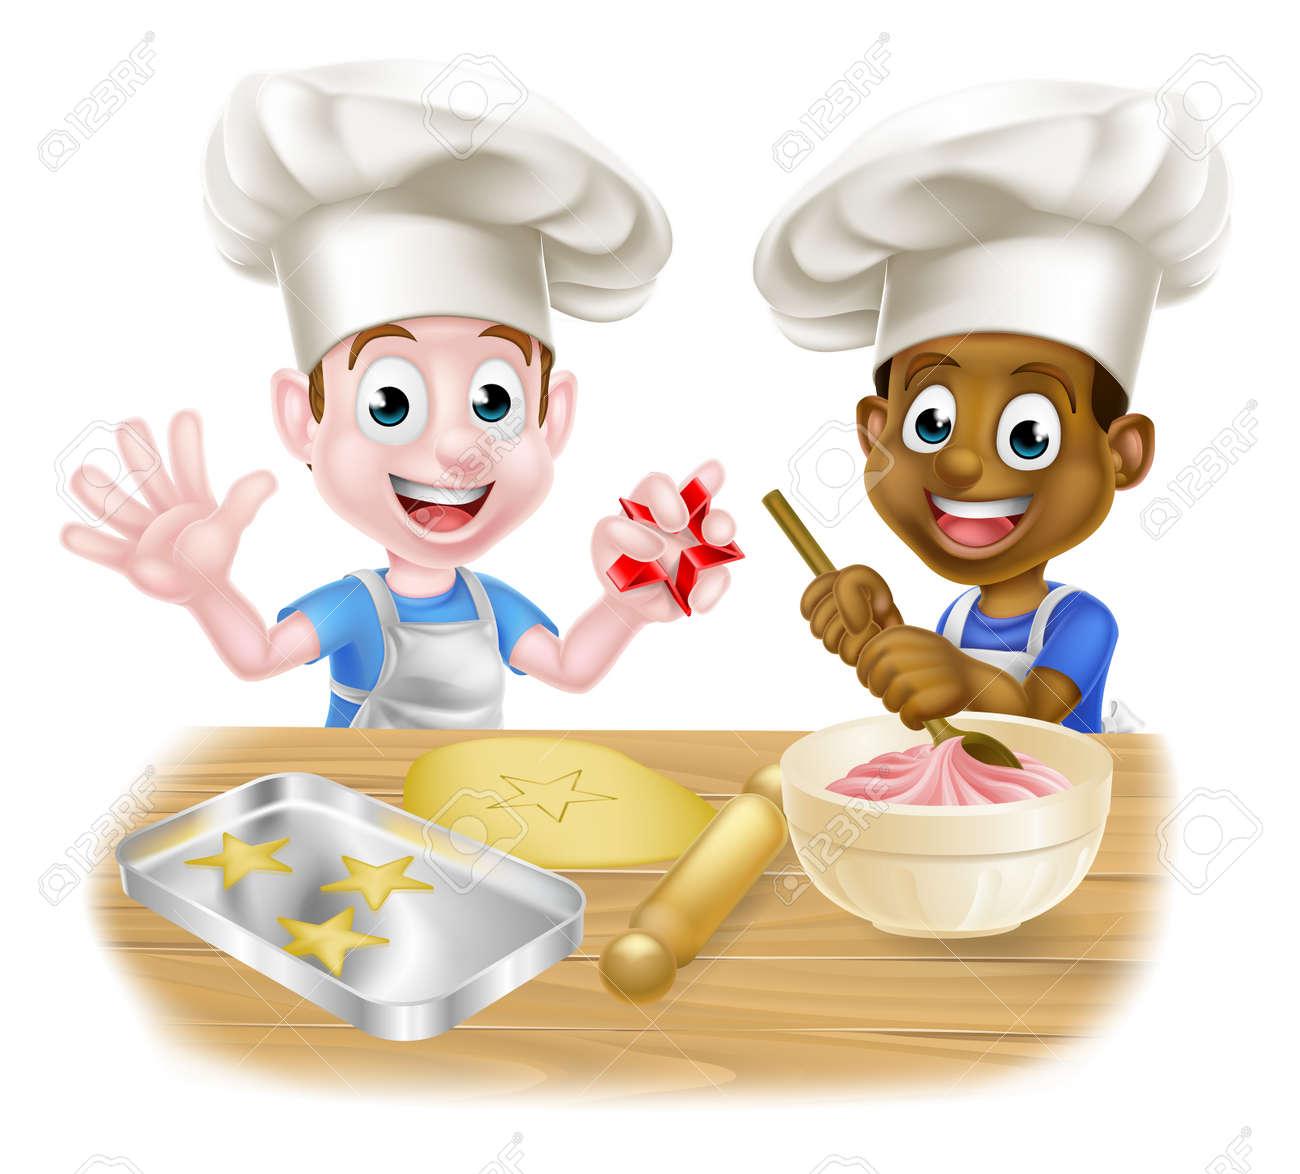 Cartoon Boys Baking Cakes - 142984027